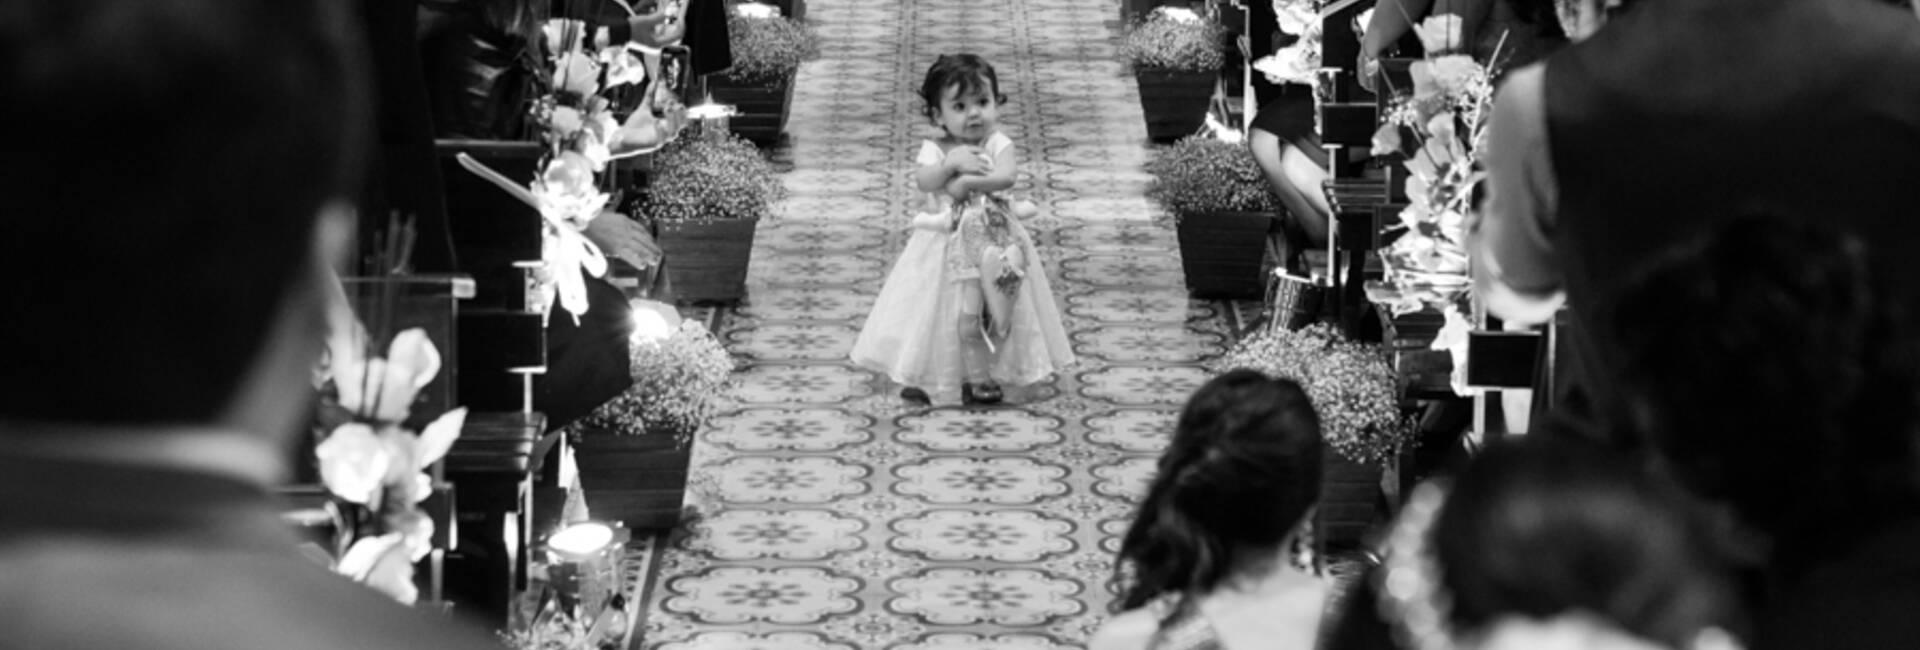 casamentos de Valéria e Vitor